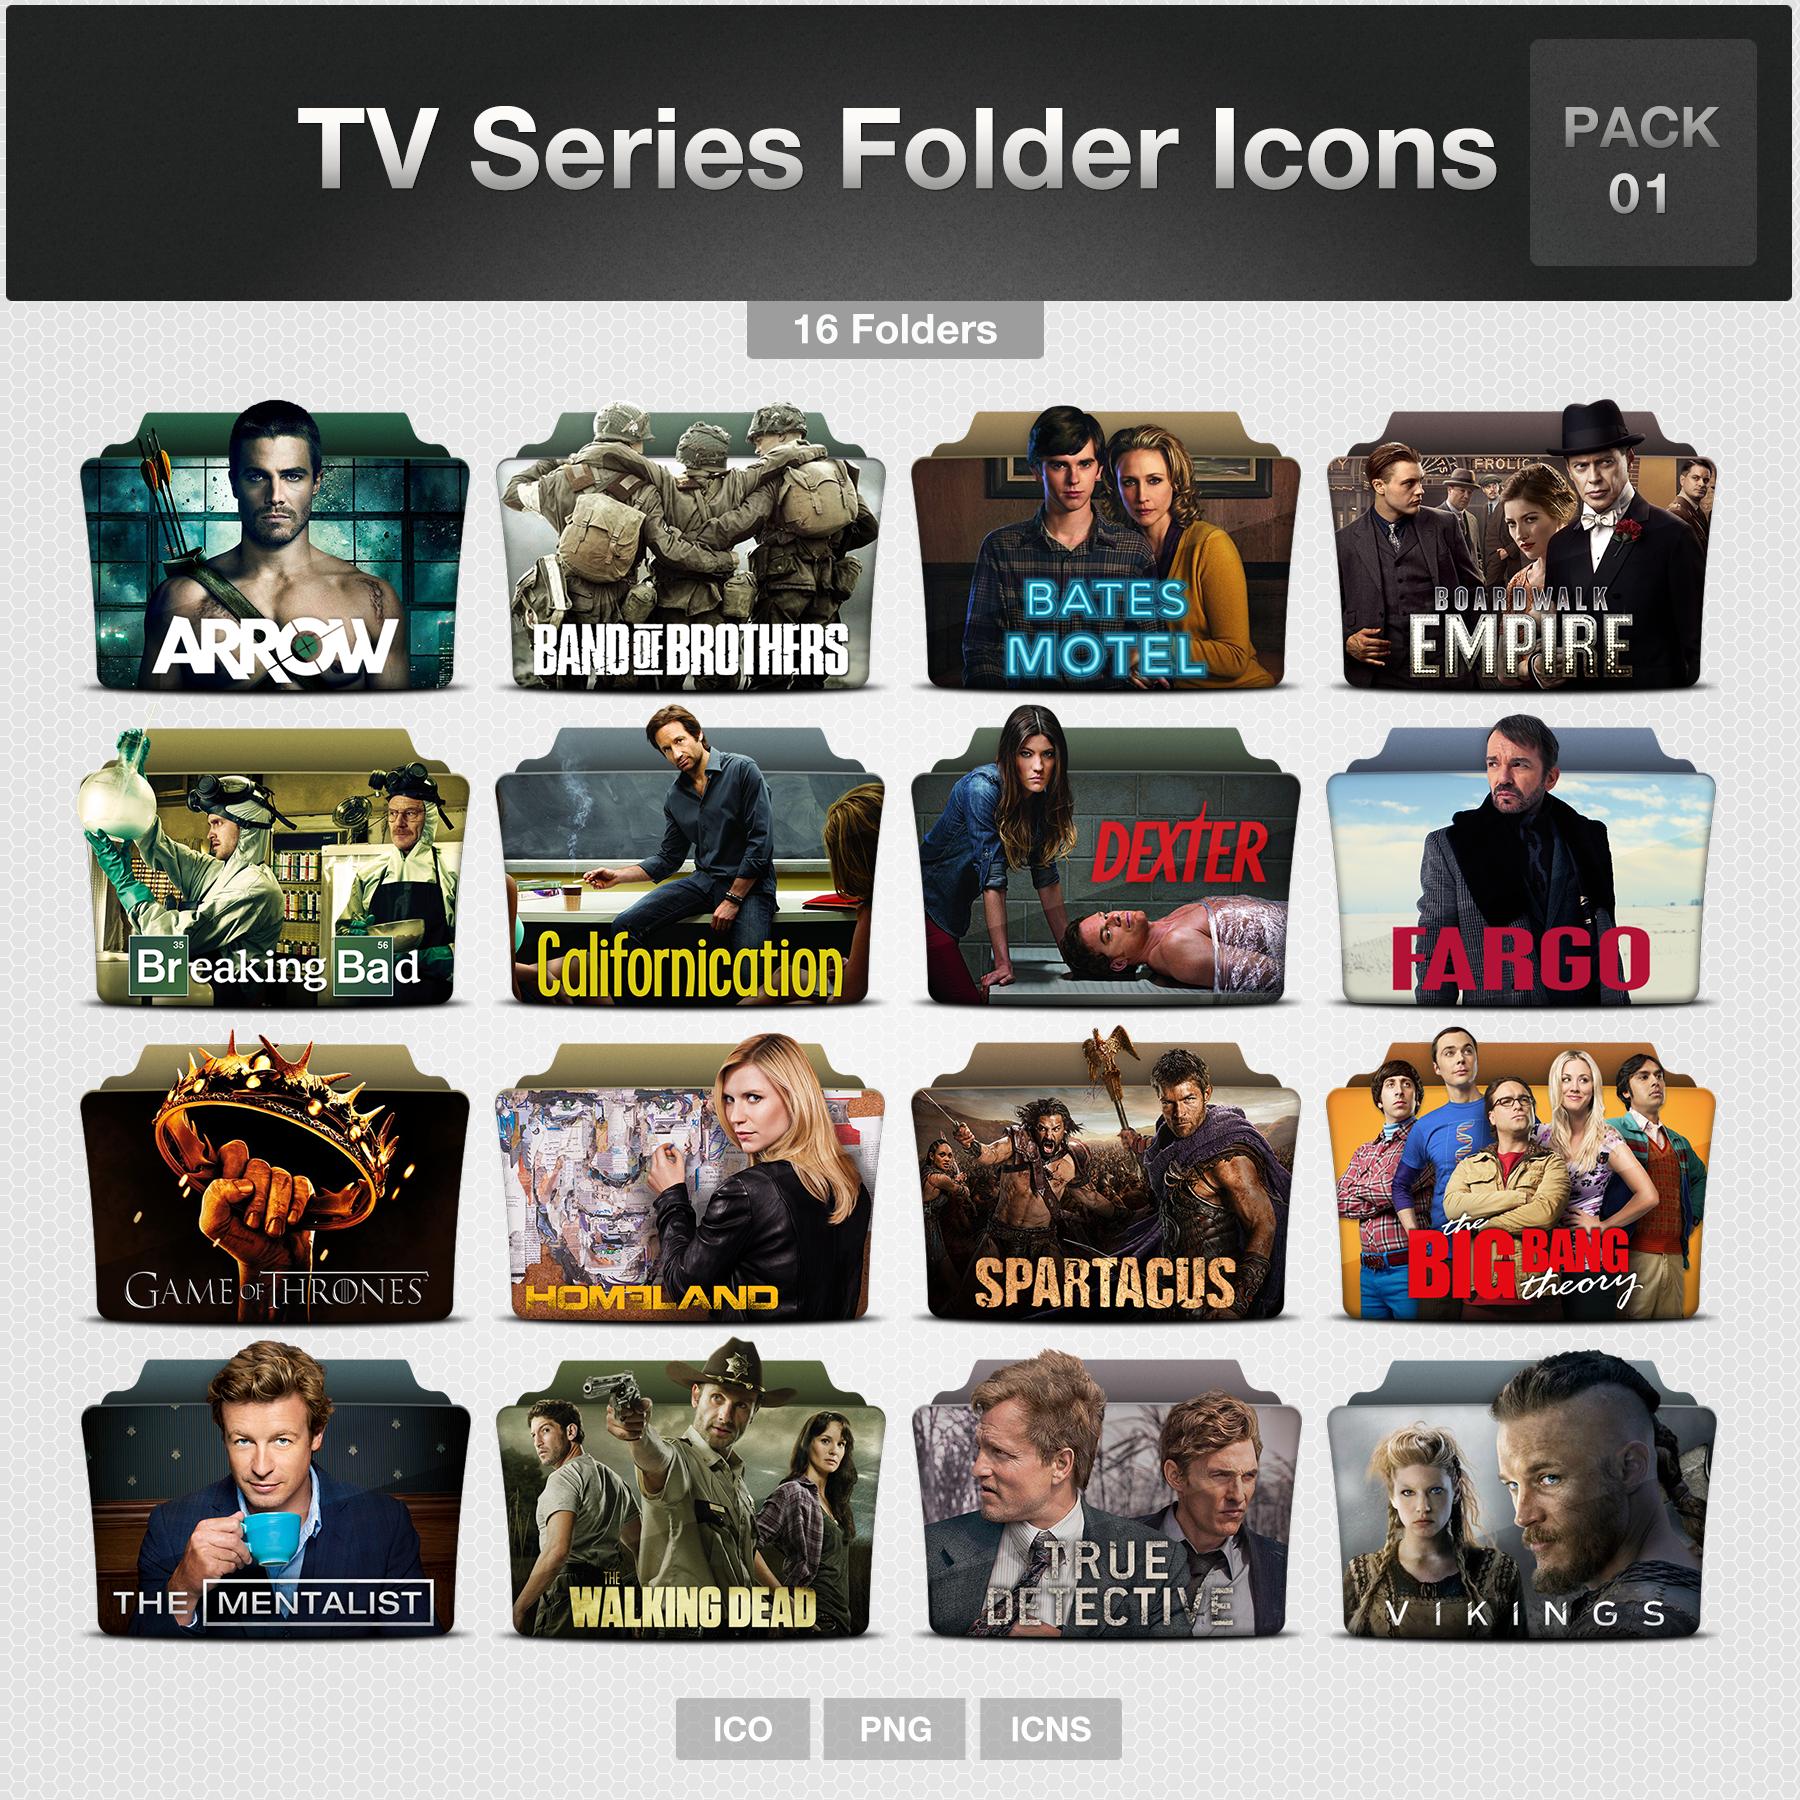 Tv Series Folder Icons Pack 01 By Limav On Deviantart